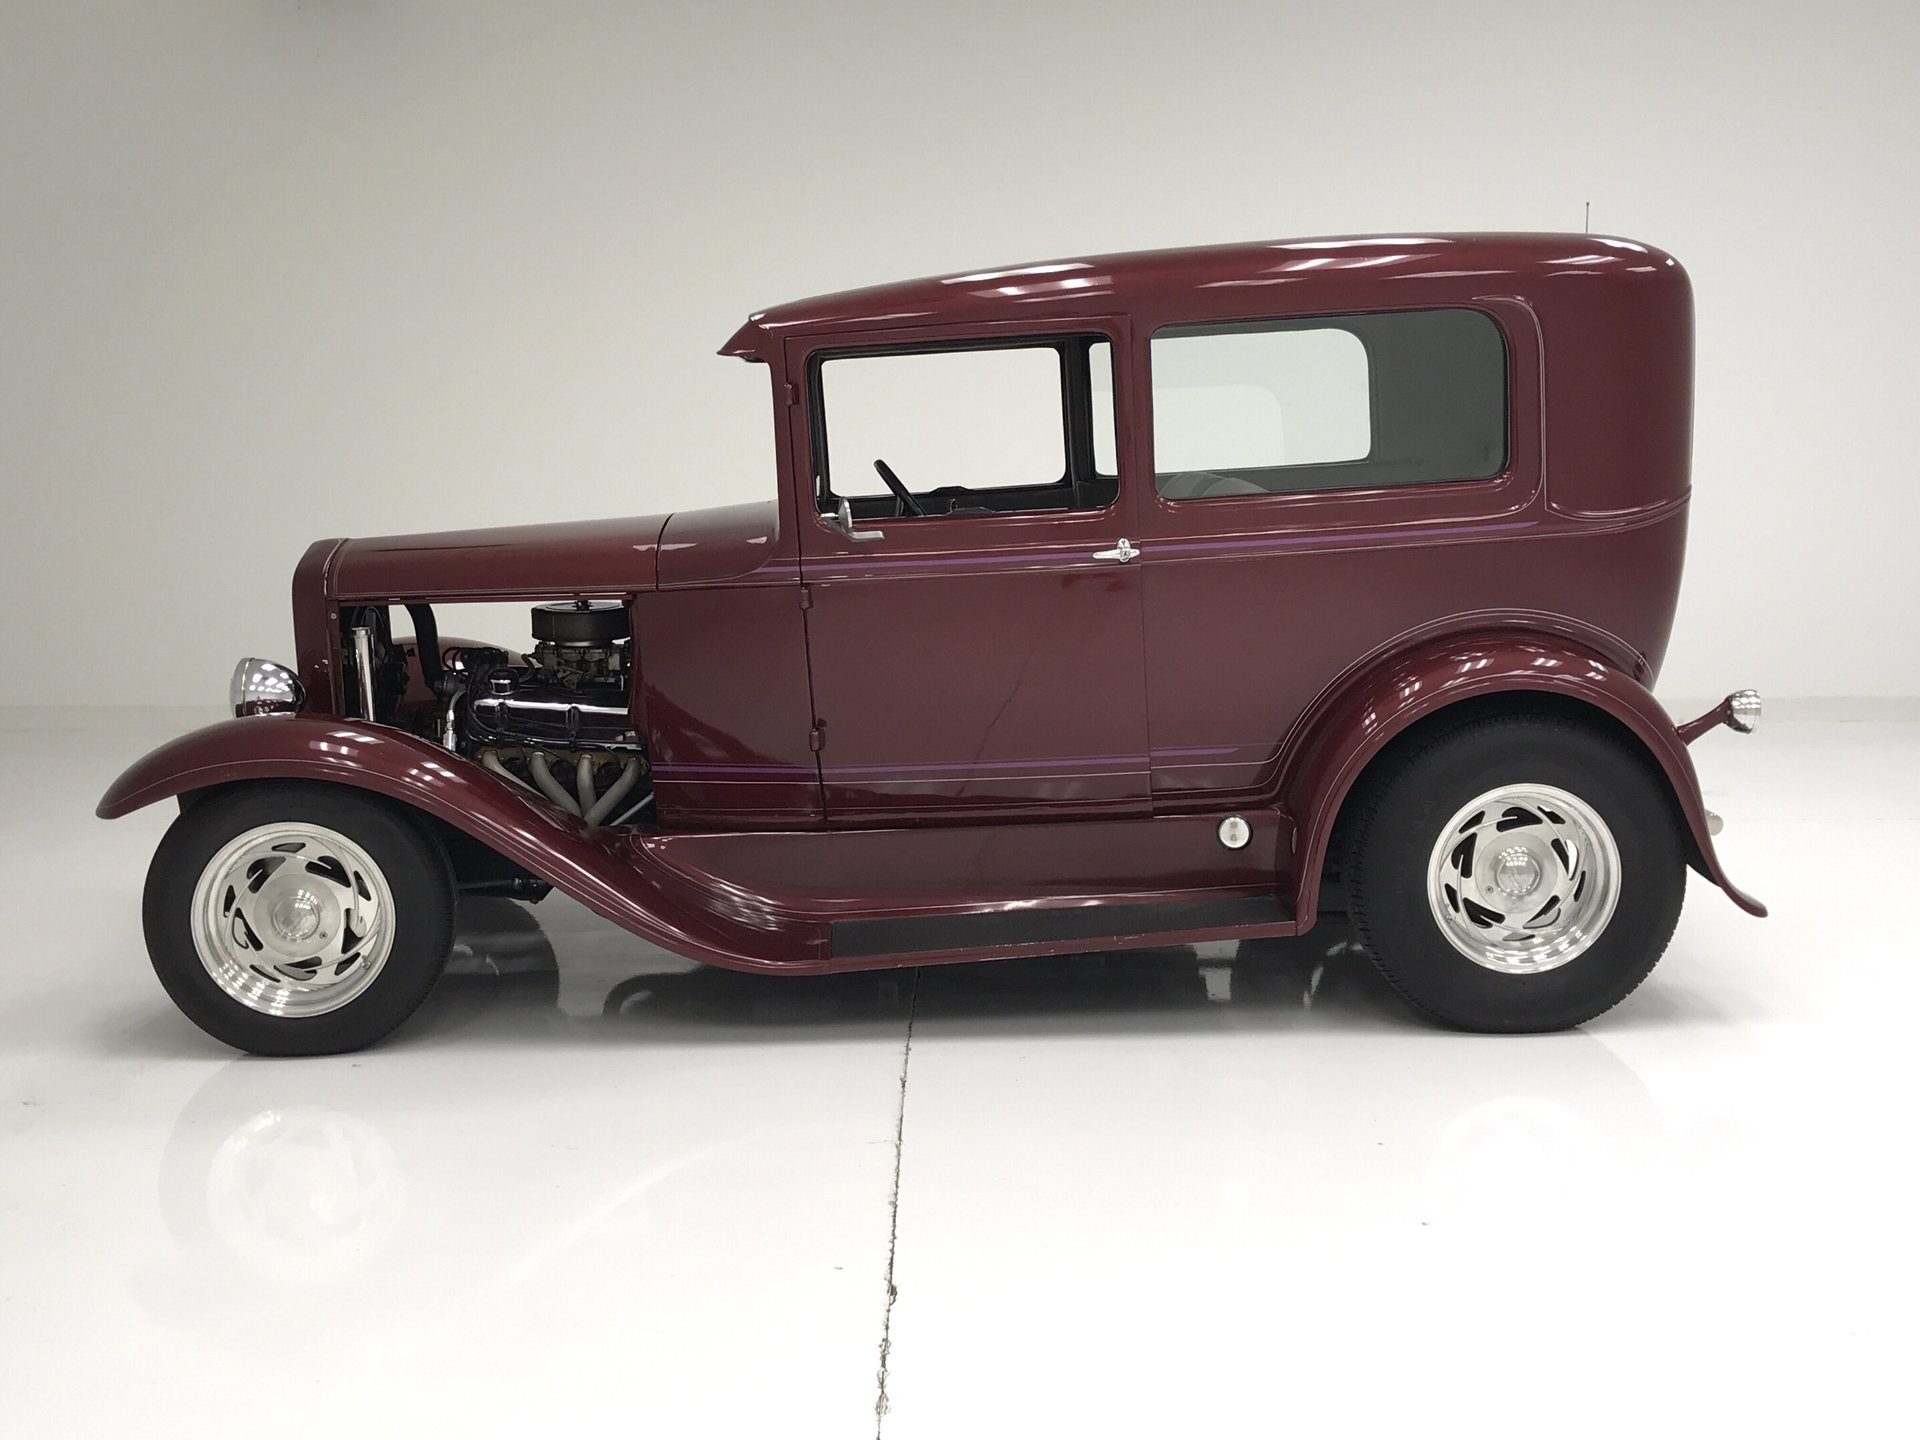 1930 Ford Model A Tudor Sedan for sale #94463 | MCG